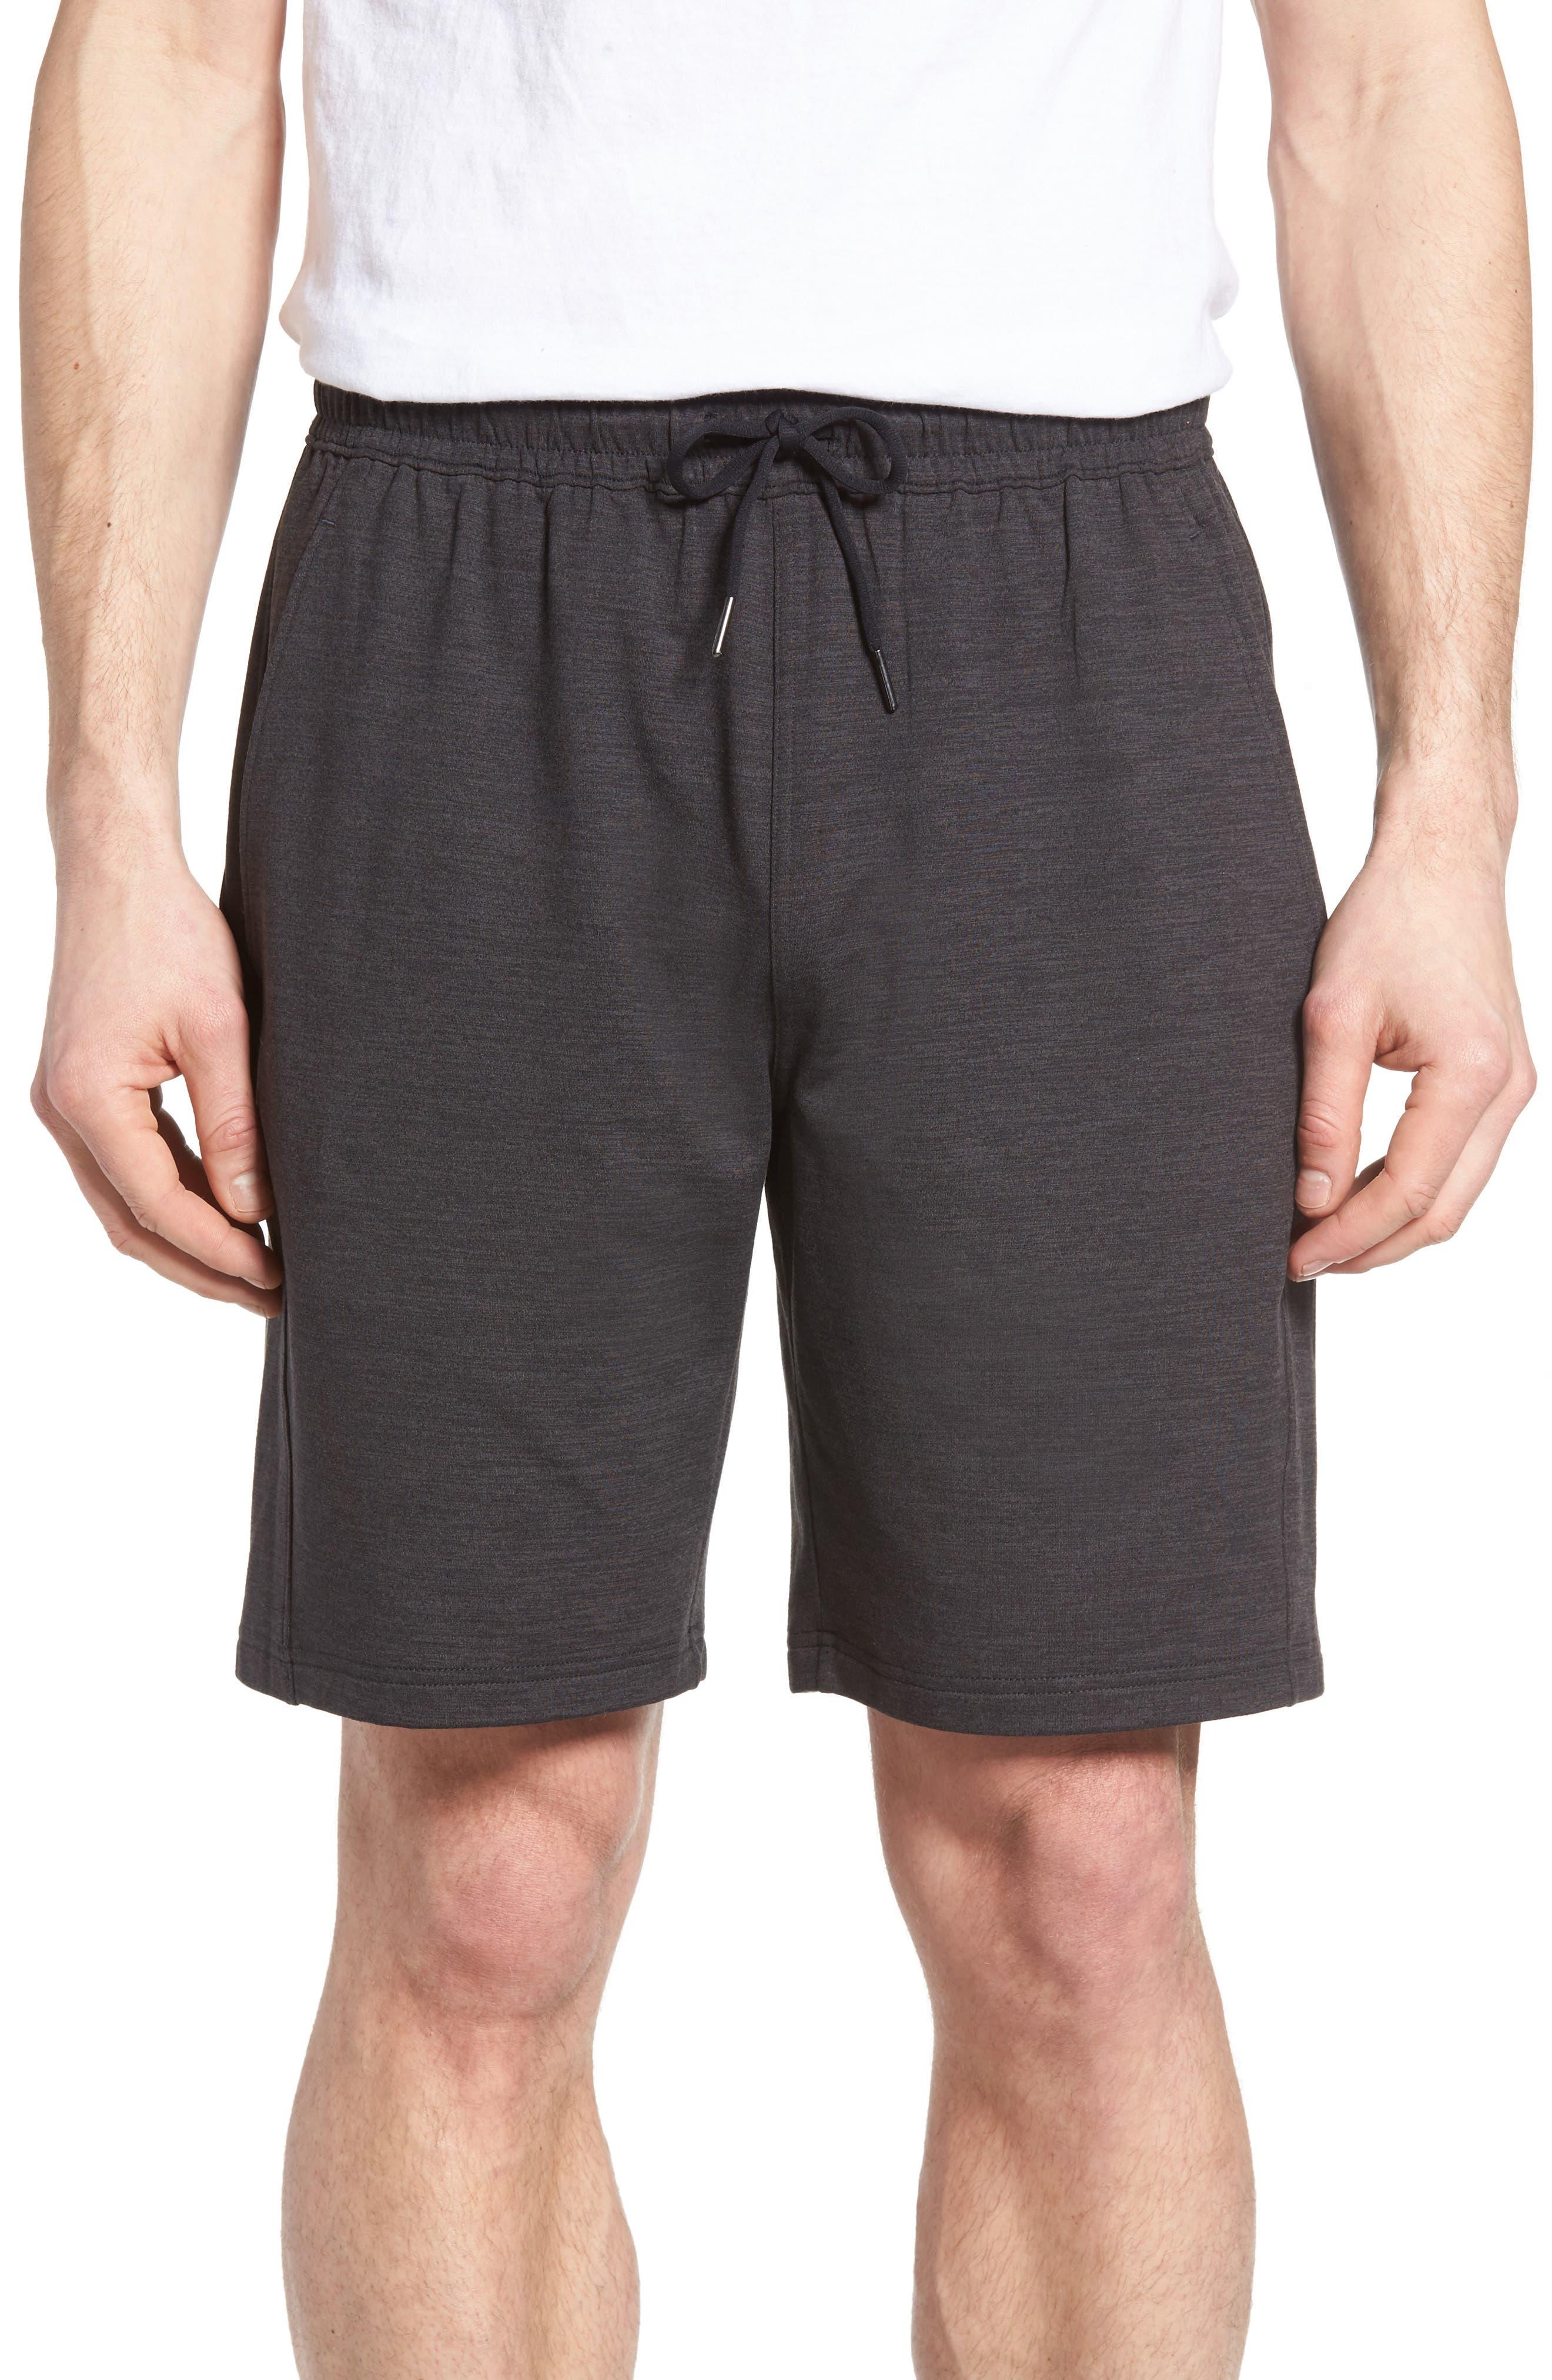 ZELLA Pyrite Knit Shorts, Main, color, BLACK OXIDE MELANGE